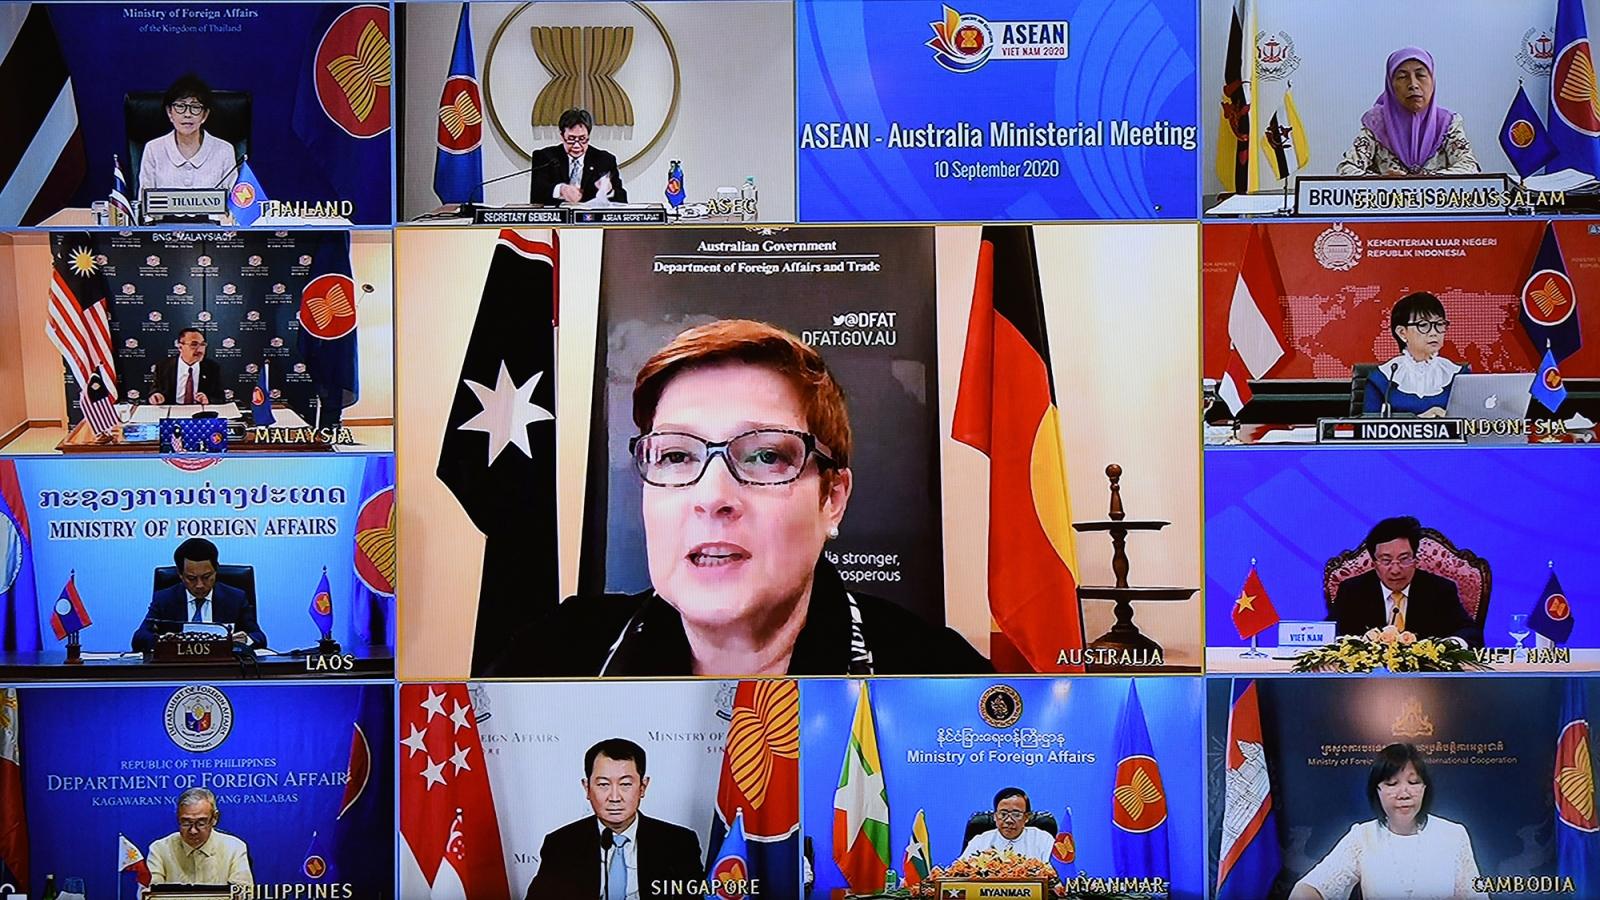 Australia đặt ASEAN ở trung tâm trong chiến lược ở khu vực Ấn Độ Dương-Thái Bình Dương